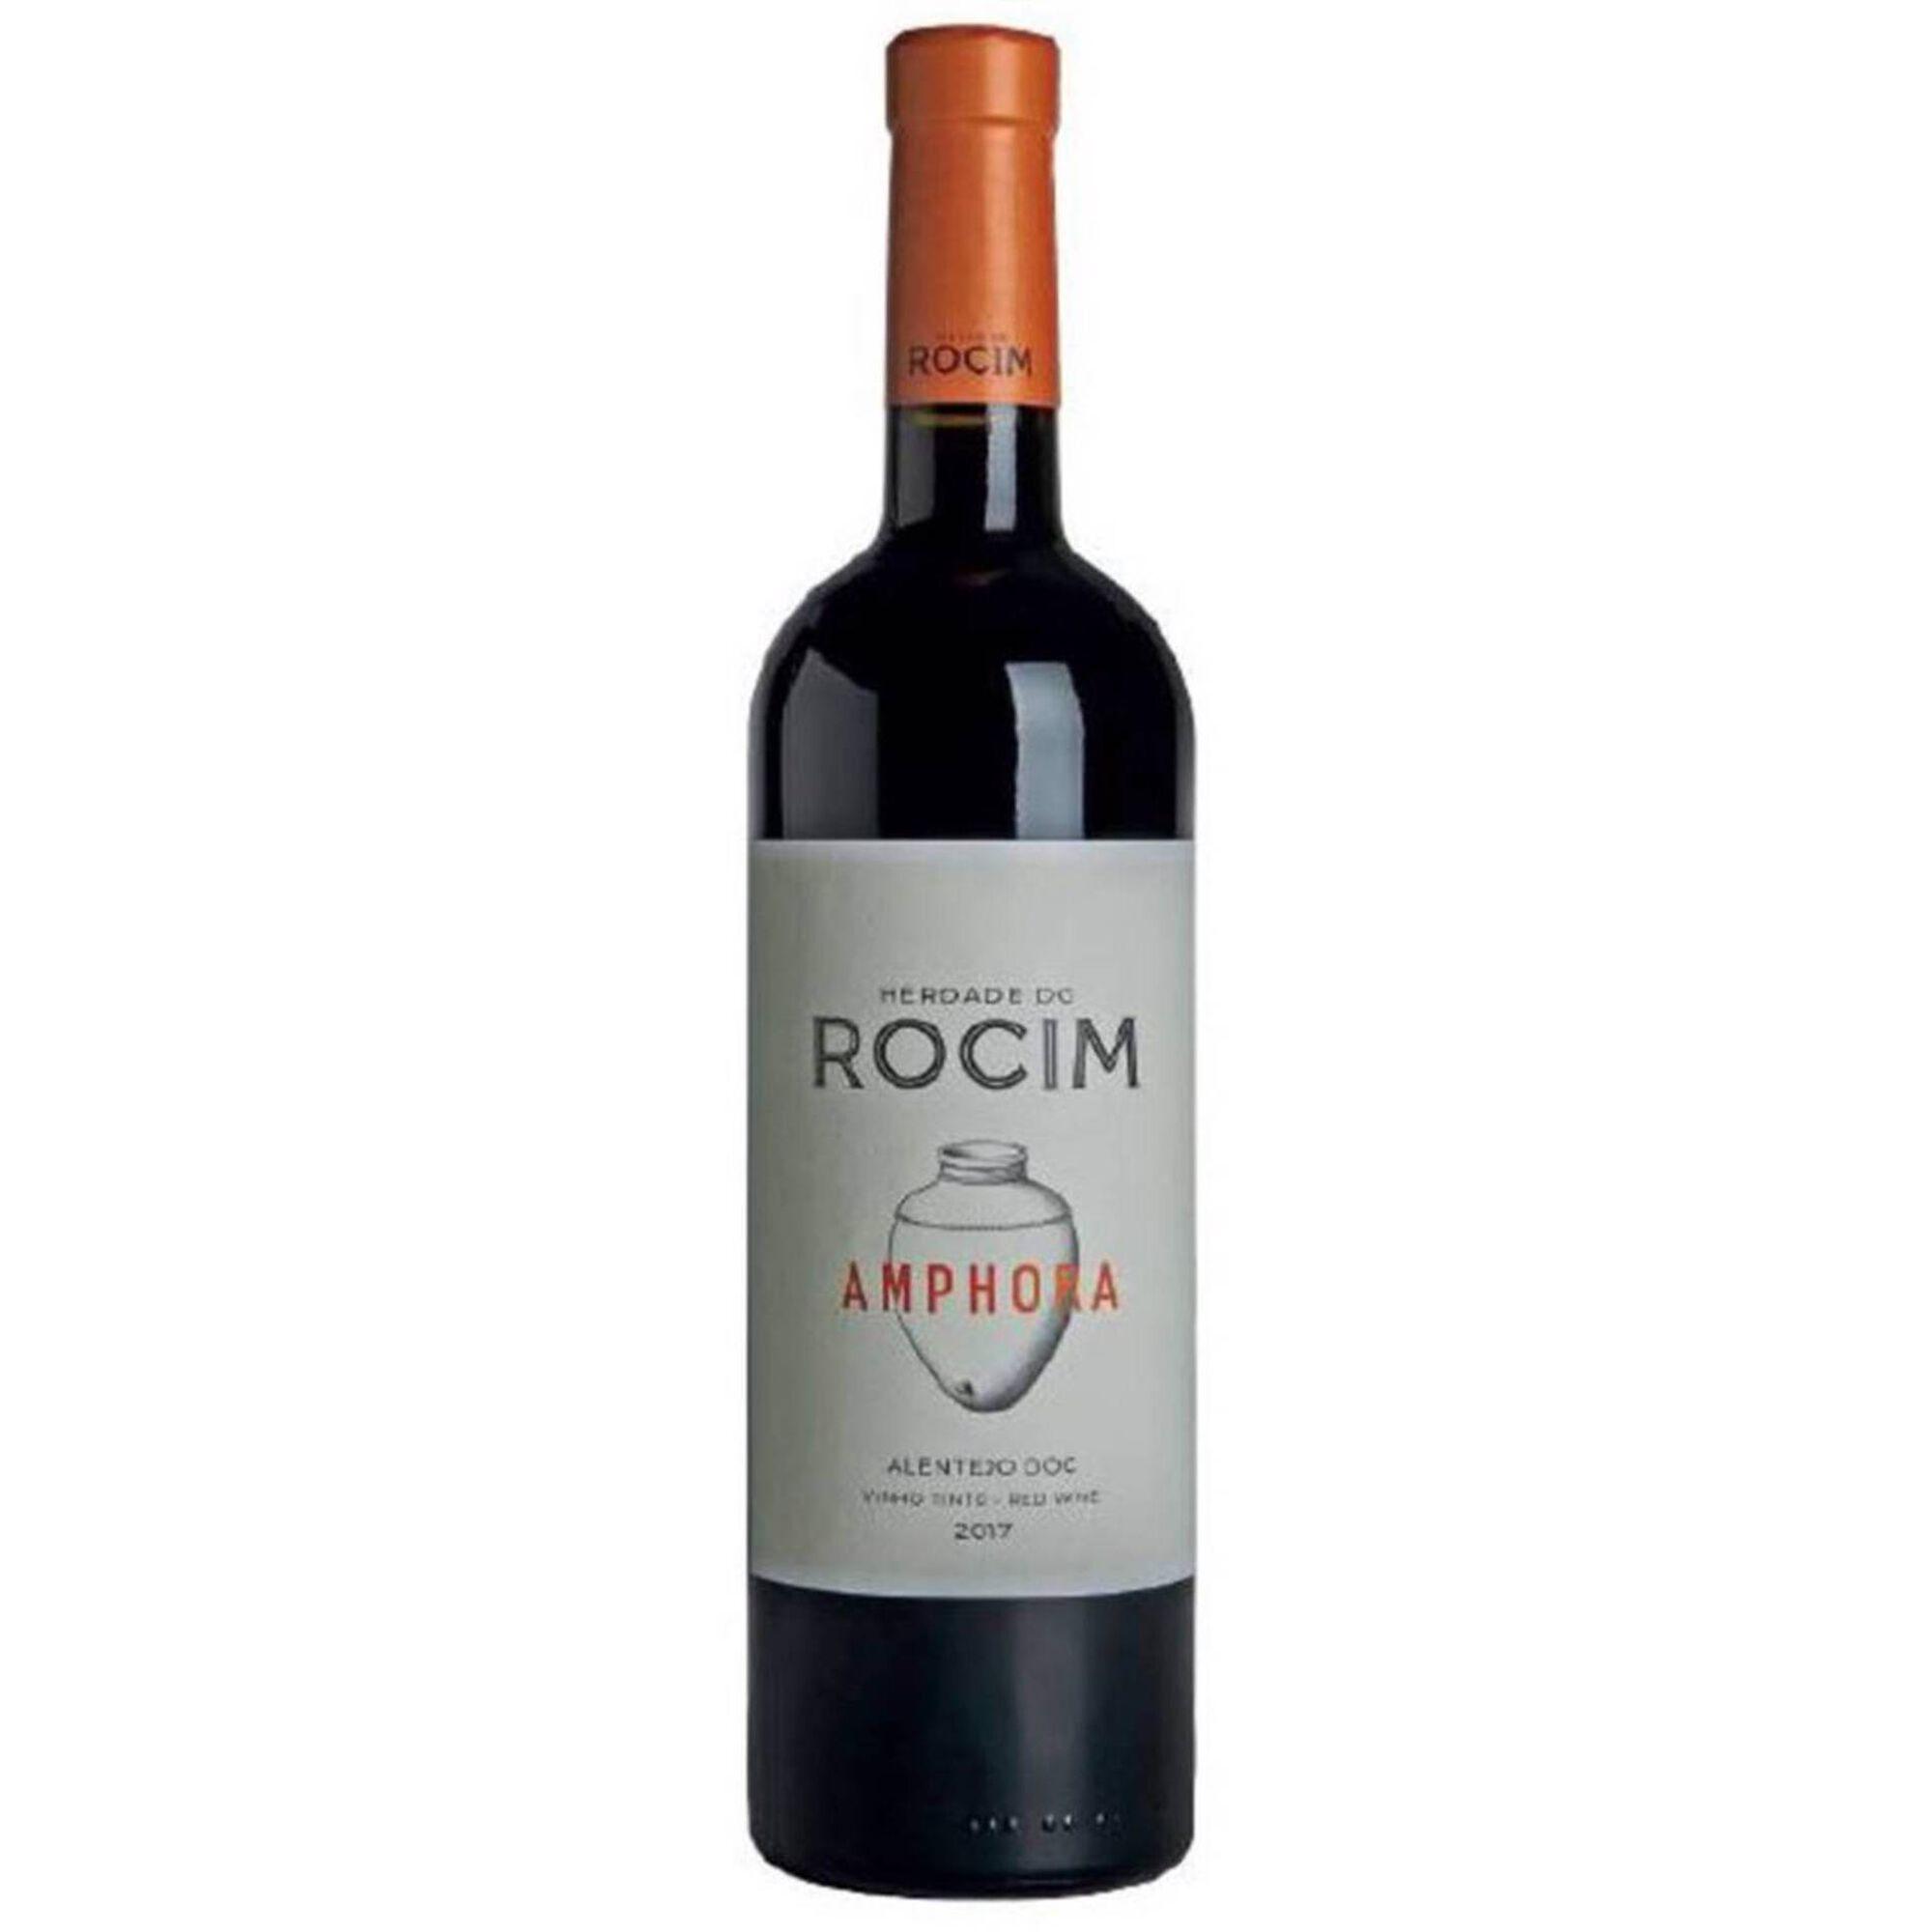 Rocim Amphora DOC Alentejo Vinho Tinto